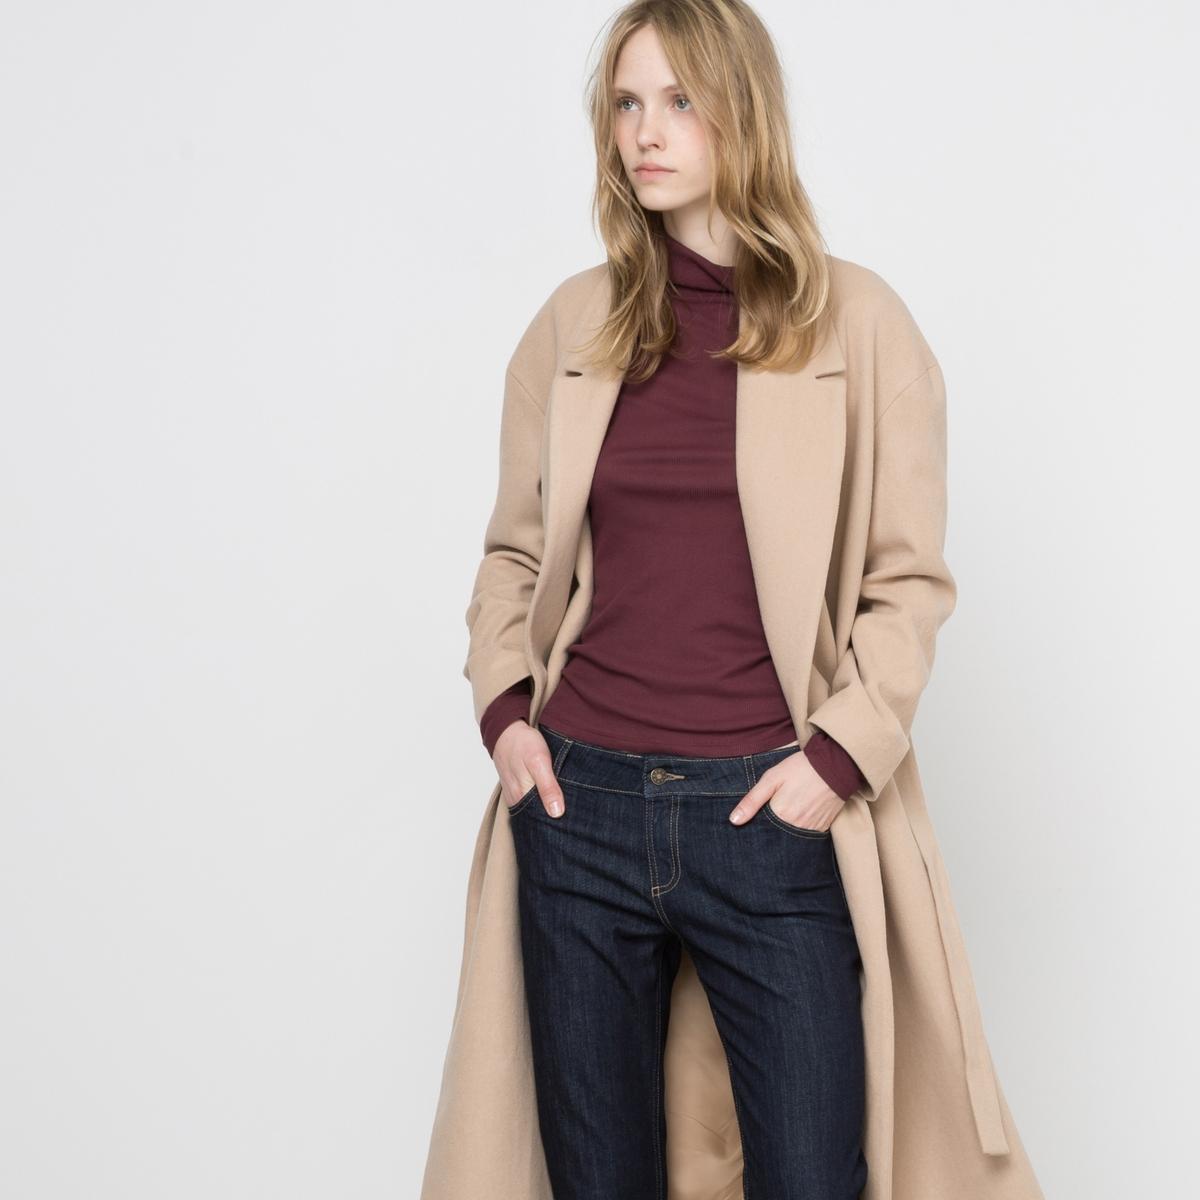 Пальто длинное без застежки с поясомДлинное пальто без застежки с поясом, свободного покроя. Пояс со шлевками. Приспущенные проймы. Карманы по бокам. Состав и описание:Материал бежевого цвета: 60% шерсти, 40% полиэстера.Материал черного цвета: 56% шерсти, 34% полиэстера, 5% полиамида,                                    5% других волокон.Подкладка: 100% полиэстера.Длина: 120 см.Марка: R essentiel.   Уход:Стирка запрещена.Только сухая чистка.Гладить на низкой температуре.<br><br>Цвет: бежевый,черный<br>Размер: 48 (FR) - 54 (RUS).40 (FR) - 46 (RUS)